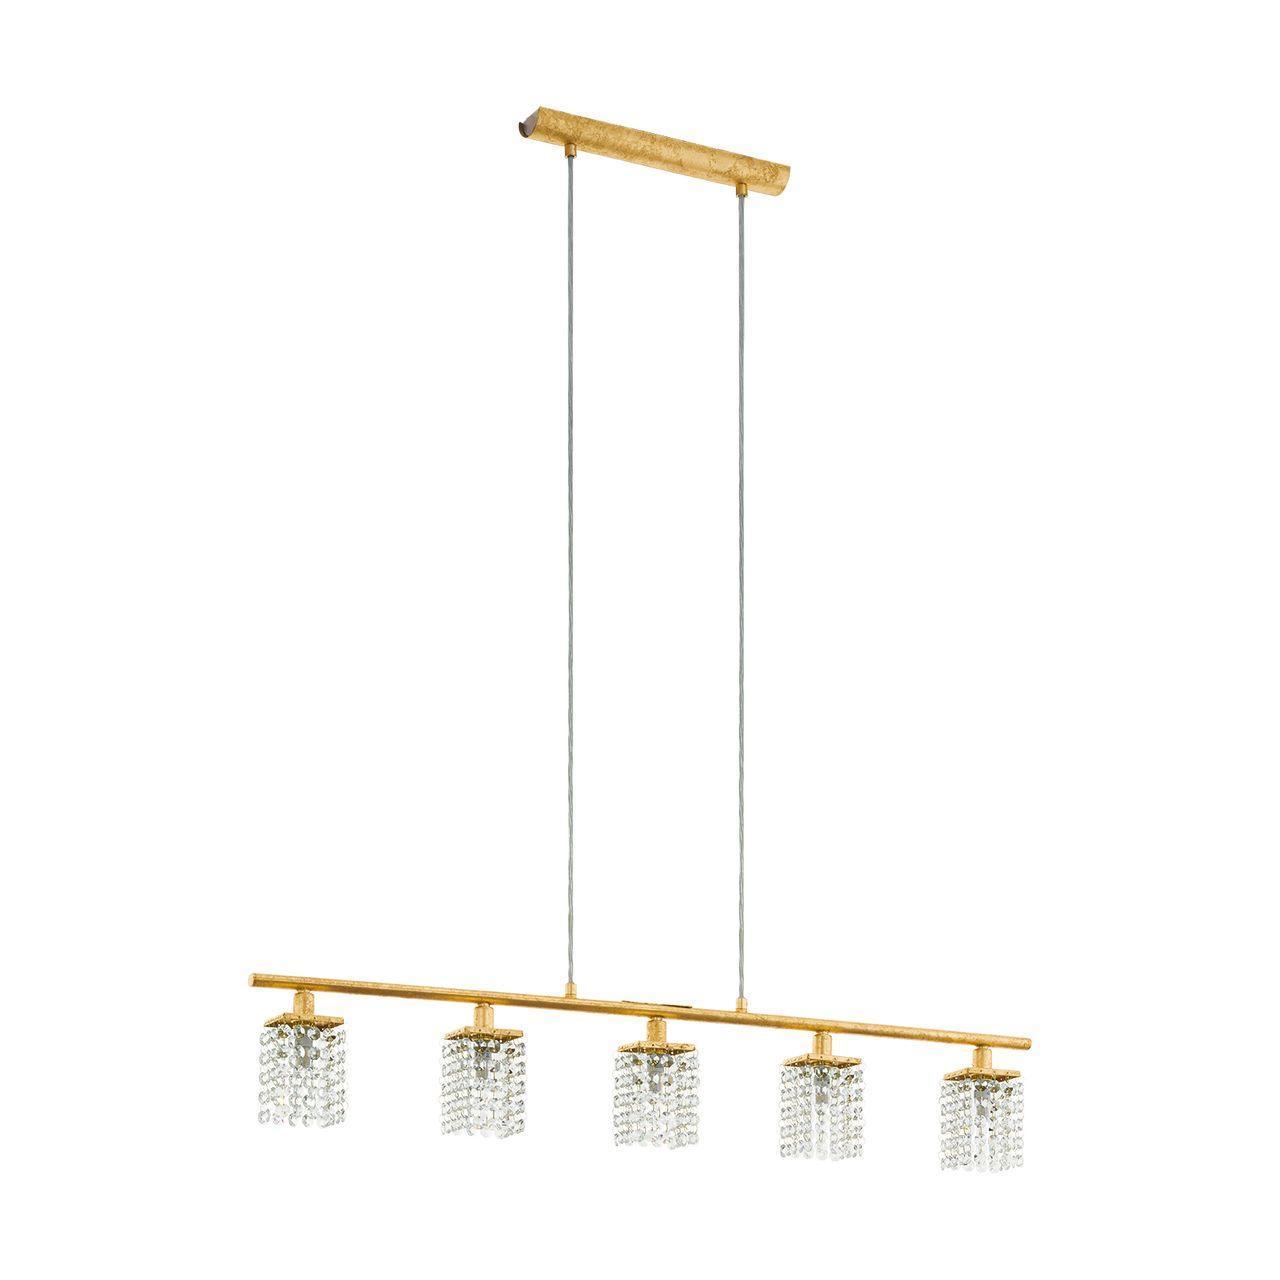 Подвесной светильник Eglo Pyton Gold 97723 цена 2017